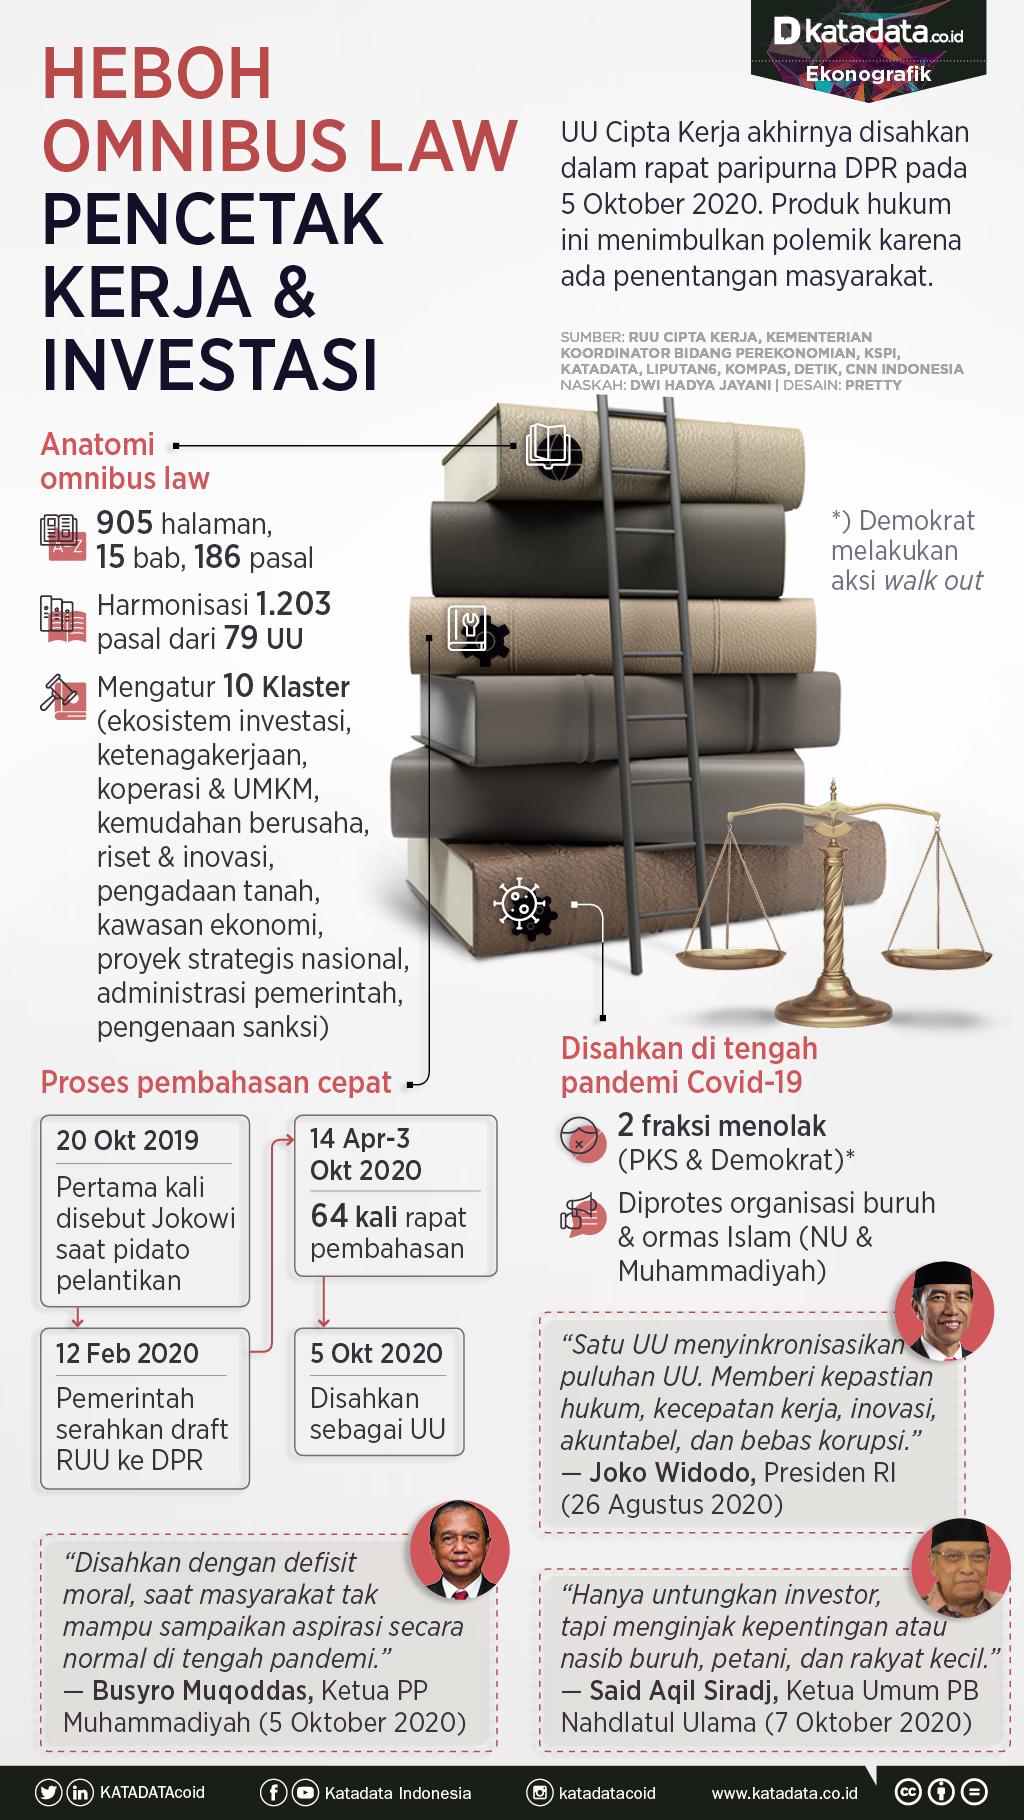 Heboh omnibus law